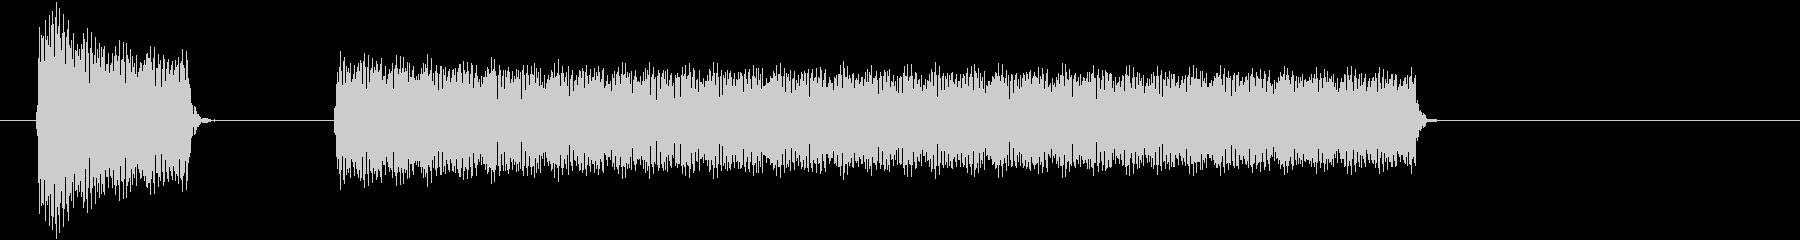 ブブー①(クイズ・不正解・ブザー音)の未再生の波形